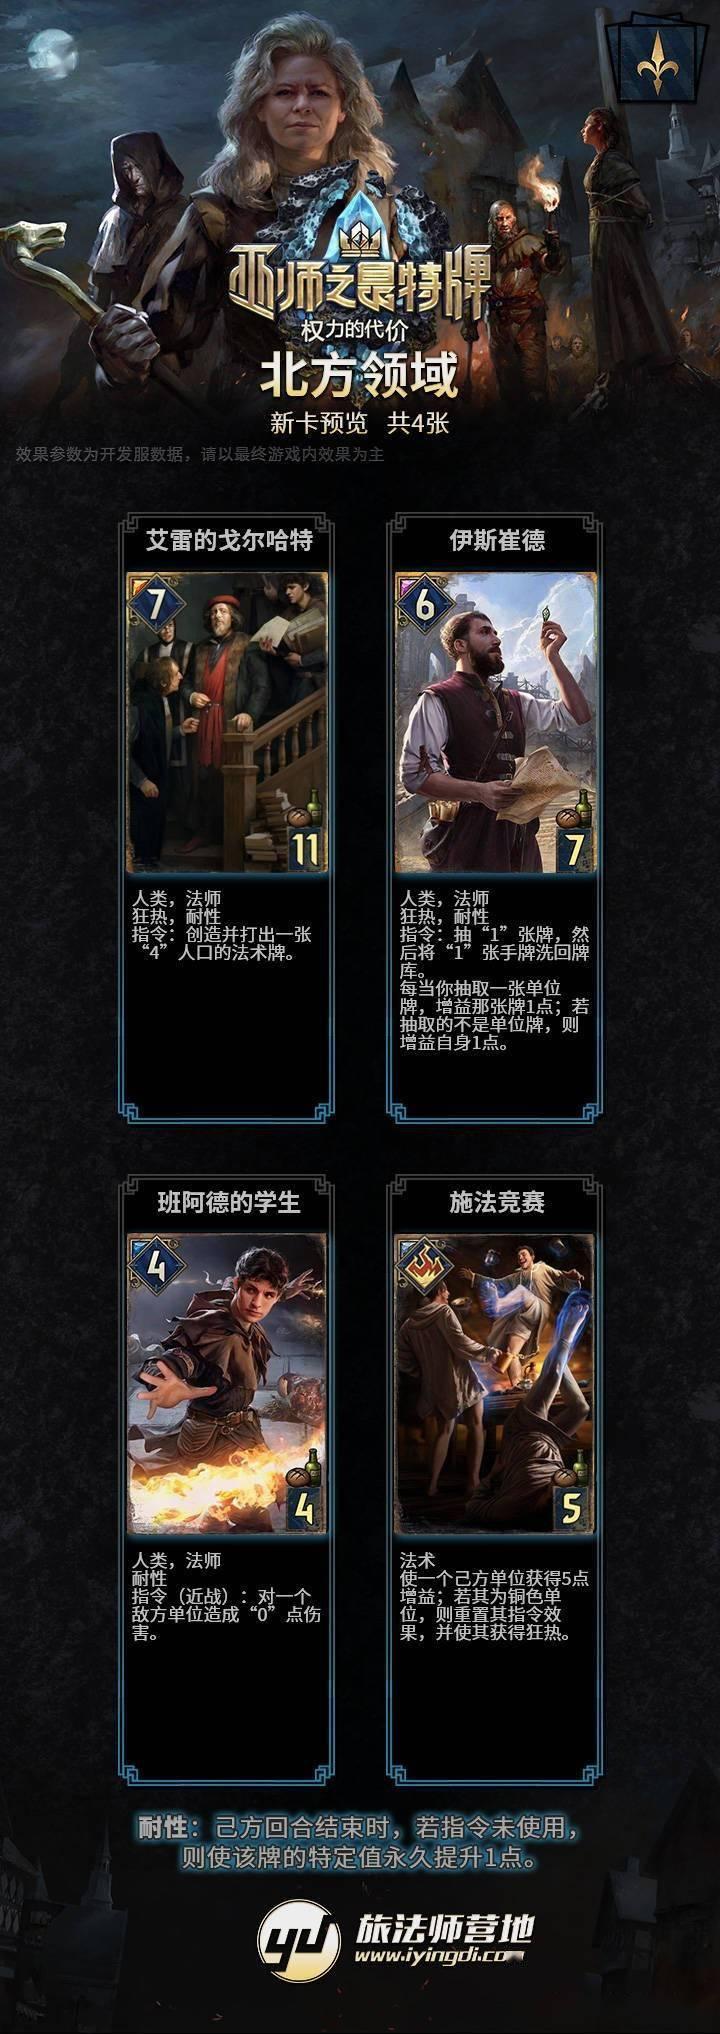 「昆特牌」全卡预览-权力的代价:26张全新卡牌效果展示